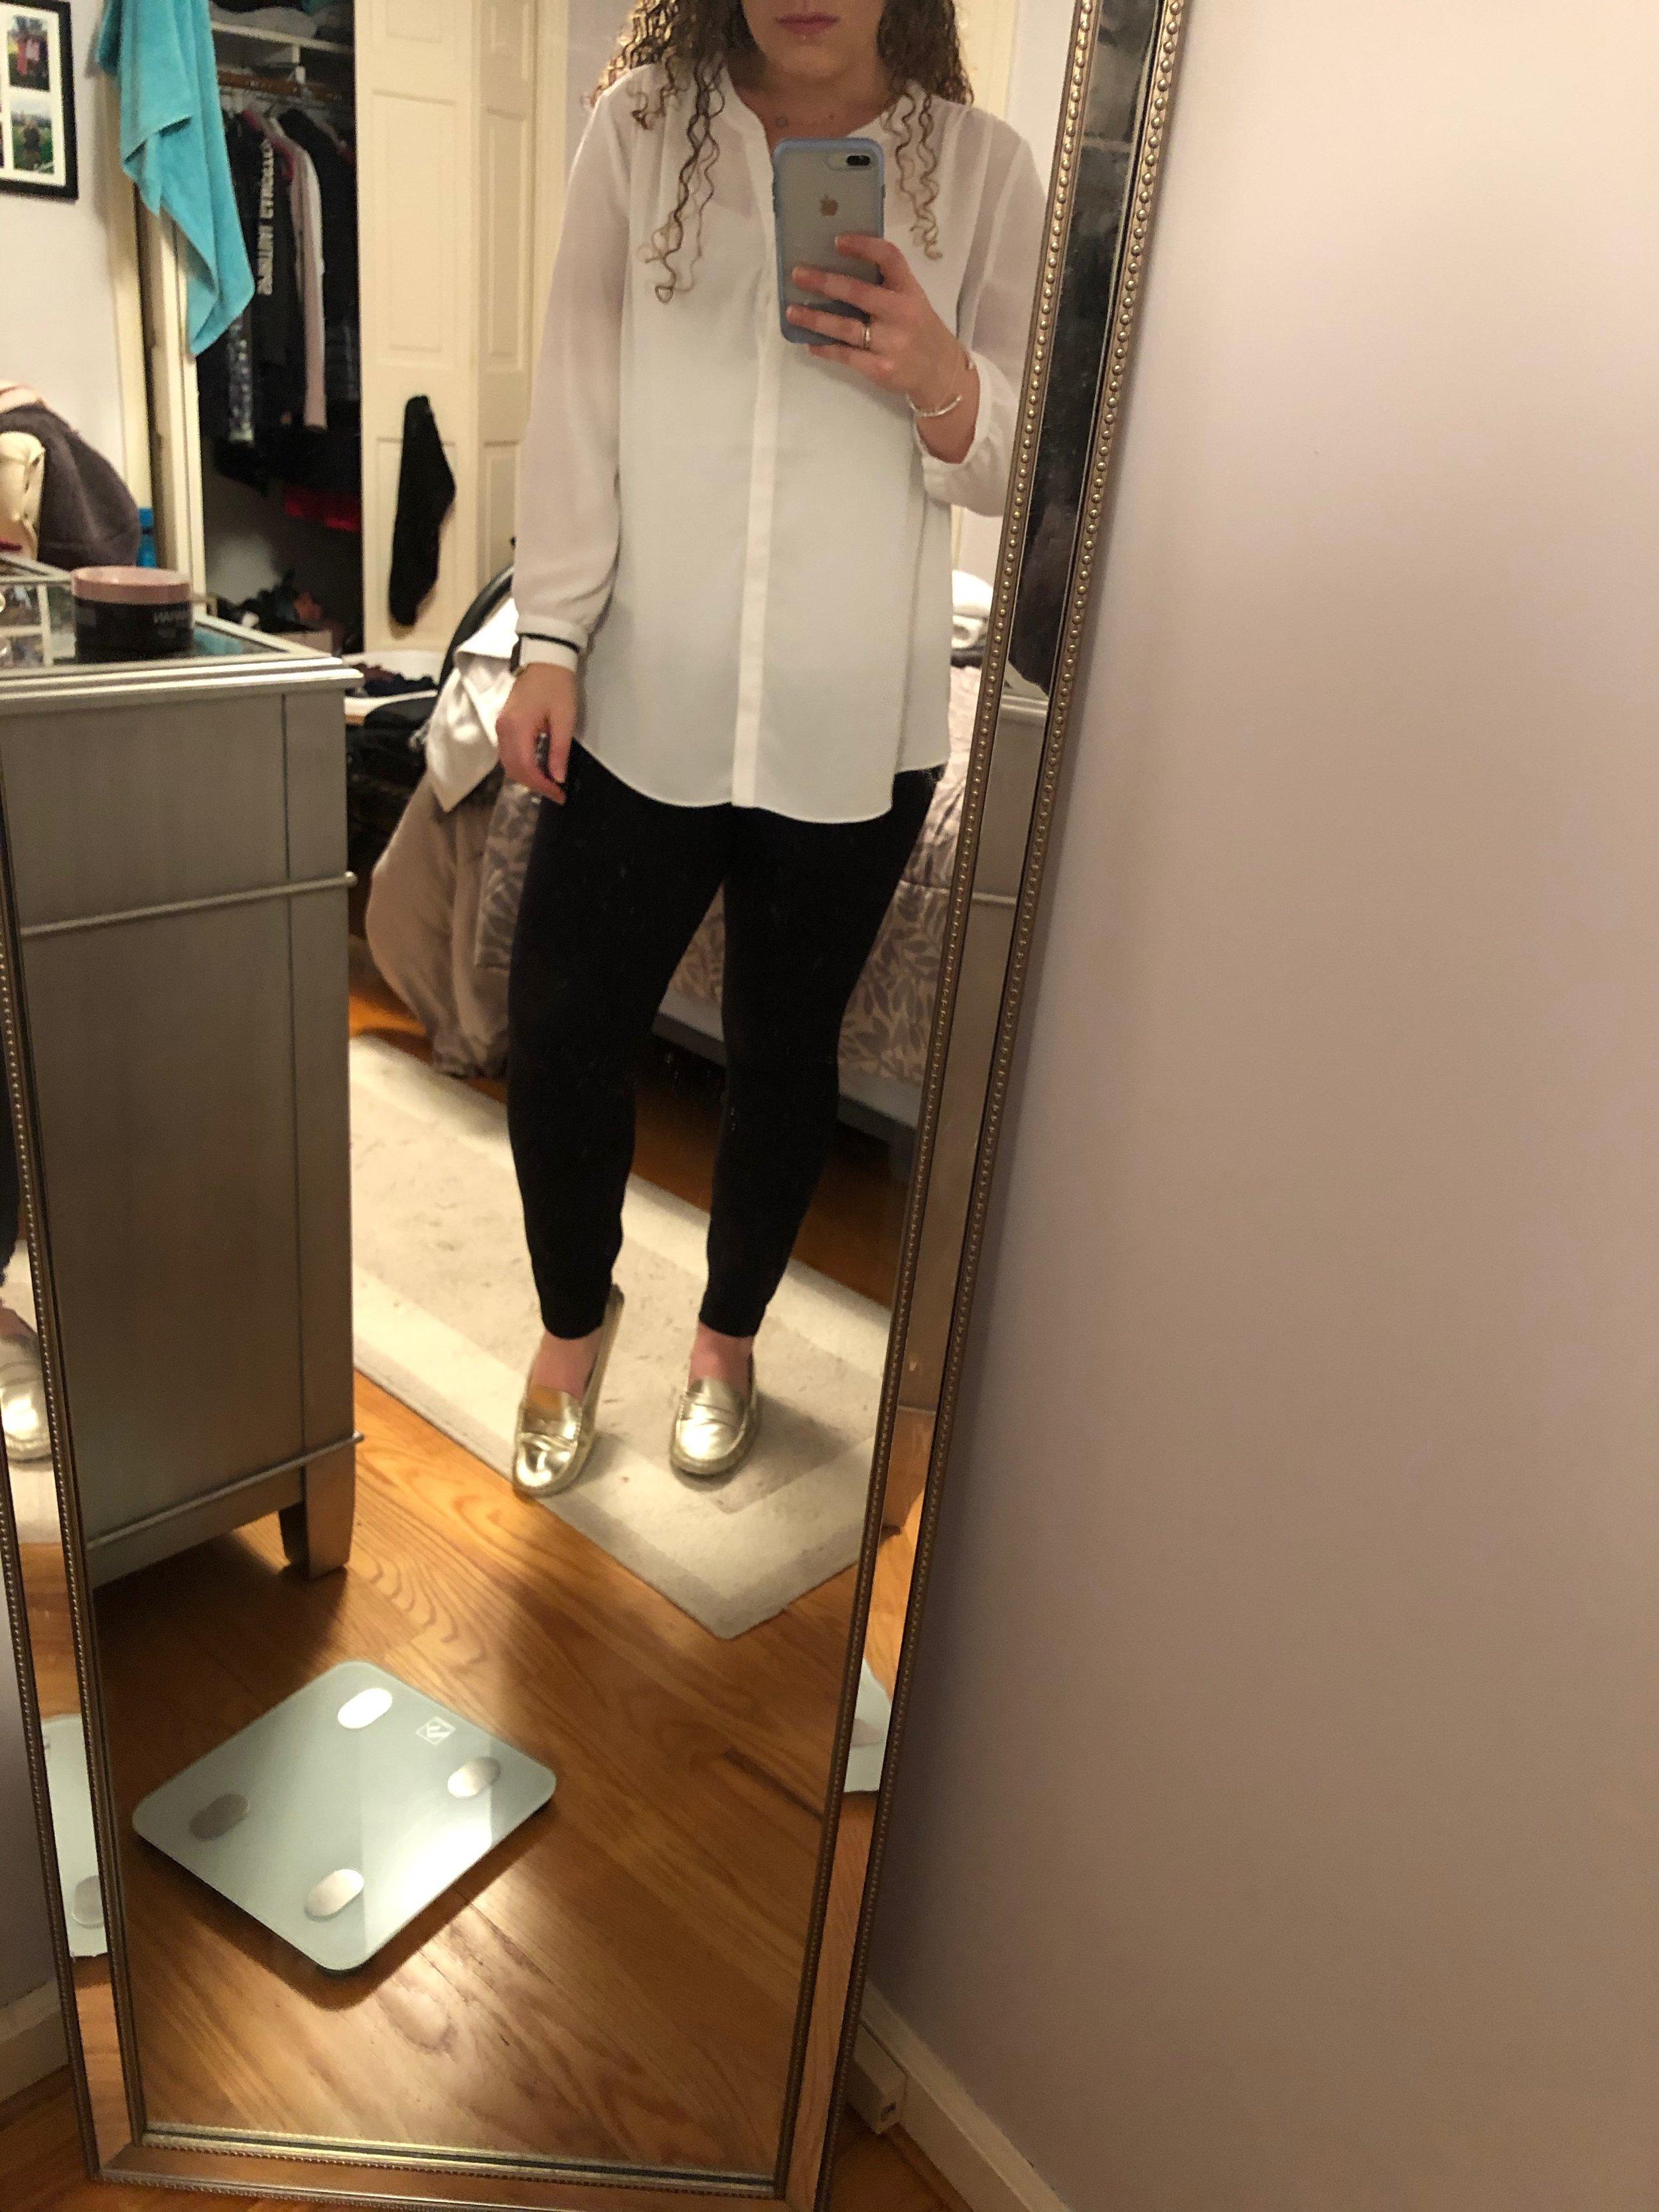 Work Wear: Week of 9/23 - 9/27 - SIMPLYCHLOESARAH.COM